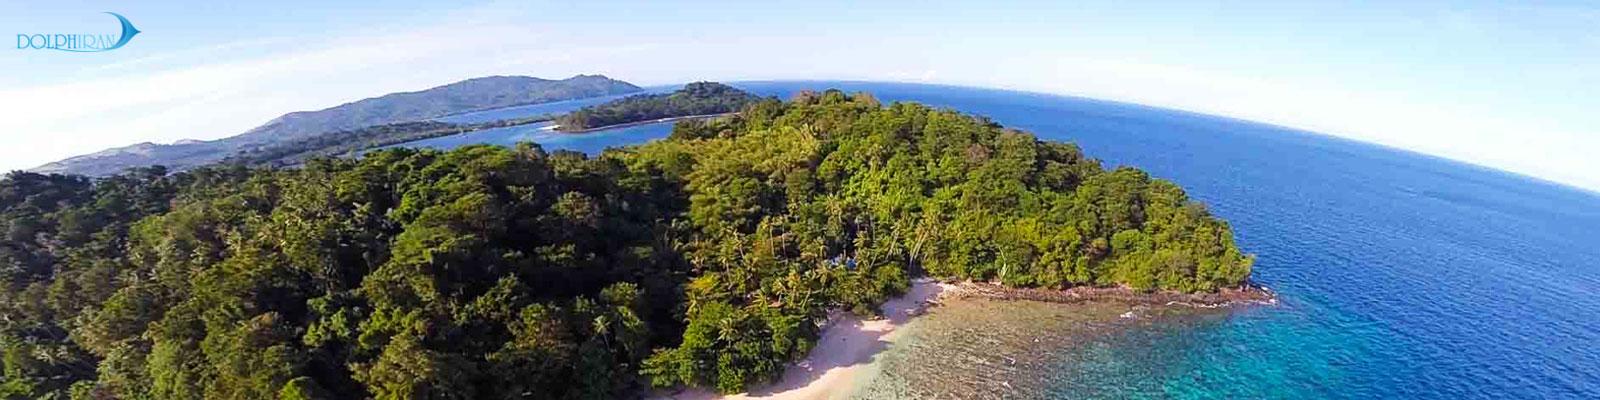 سفر تحقیقاتی برای کشف مرجان آزمایشگاه پولیپ در جزیره بنگکا